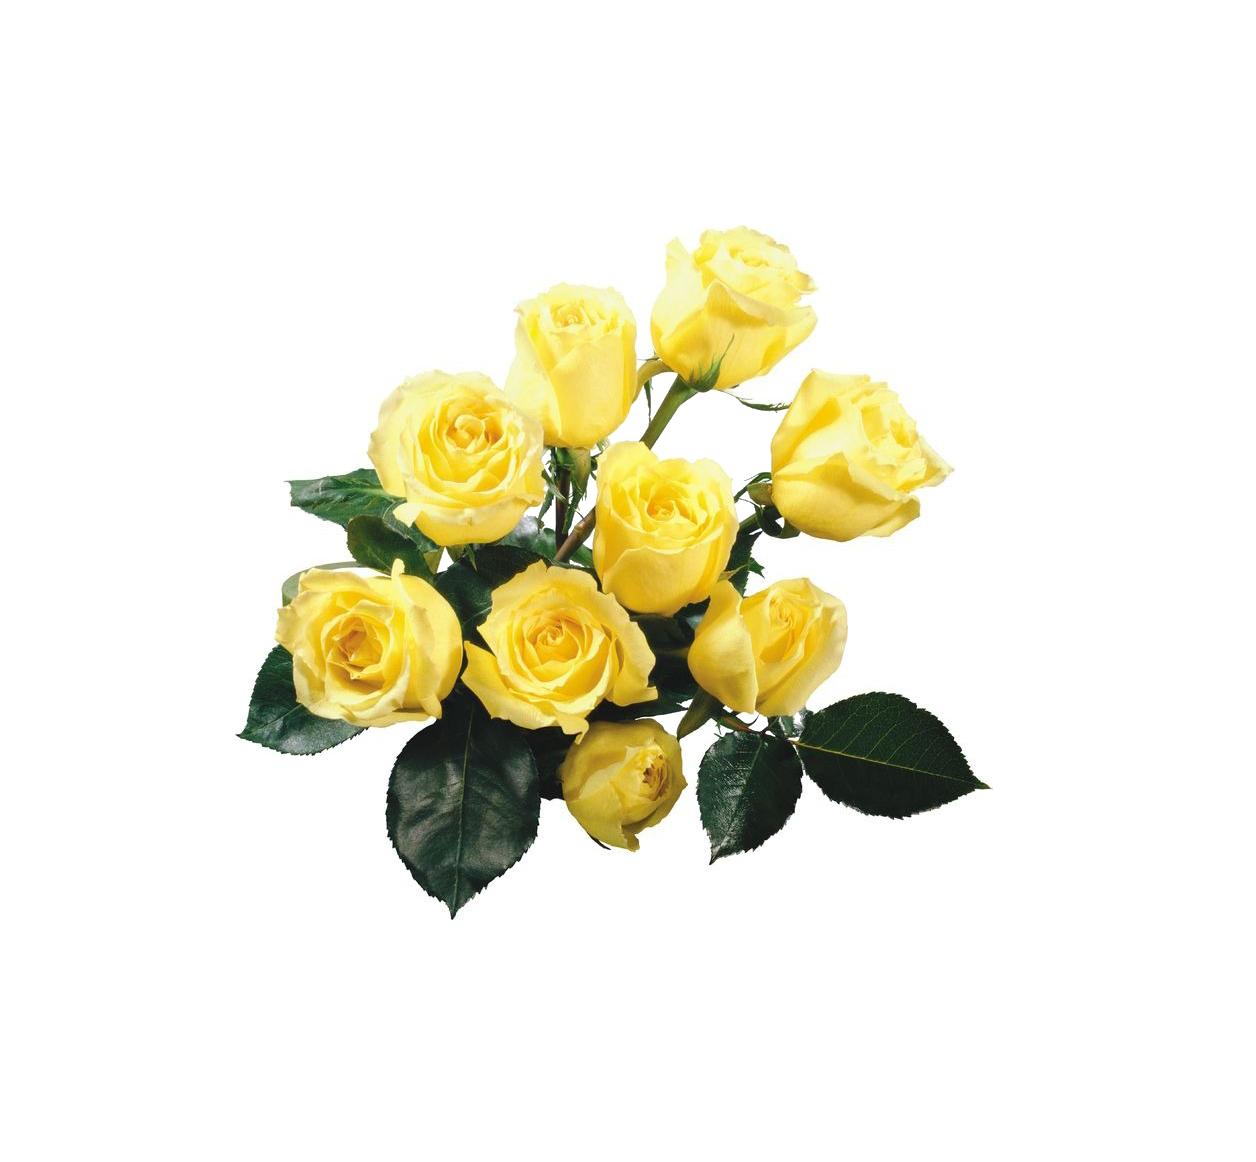 Rose Yellow Flower bouquet Wallpaper.